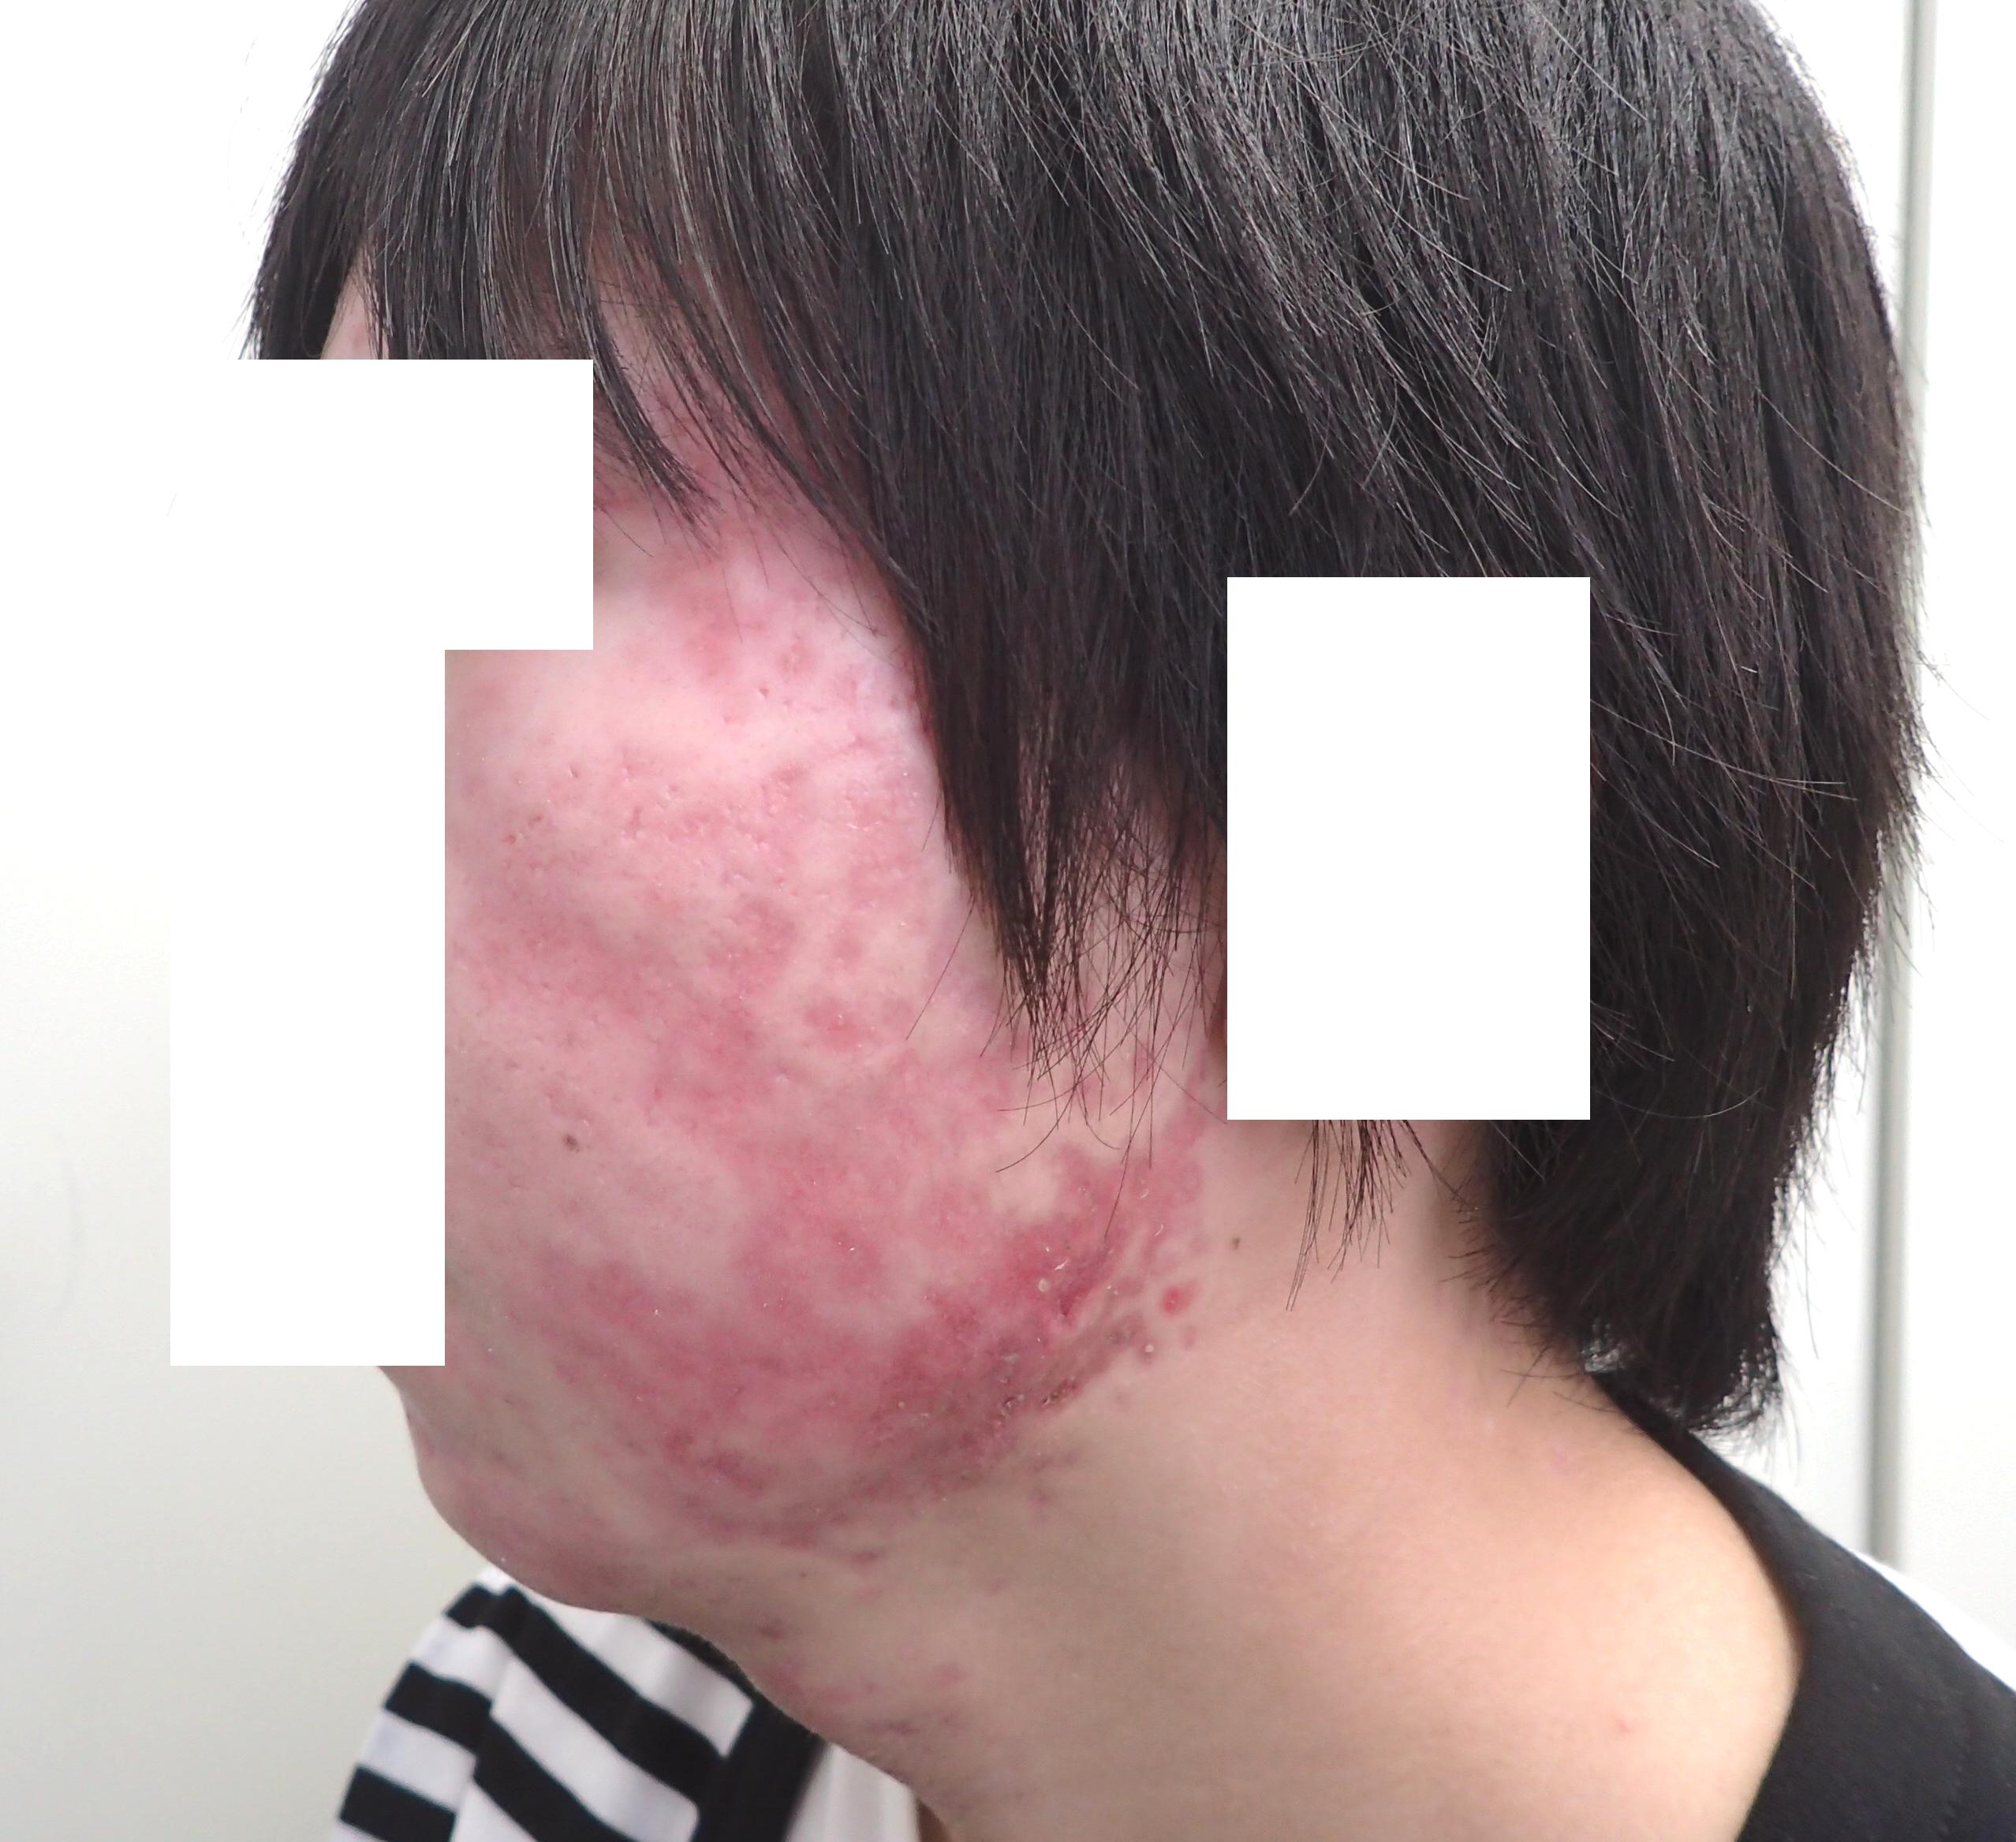 アキュテイン治療6-4-1 3ヶ月後